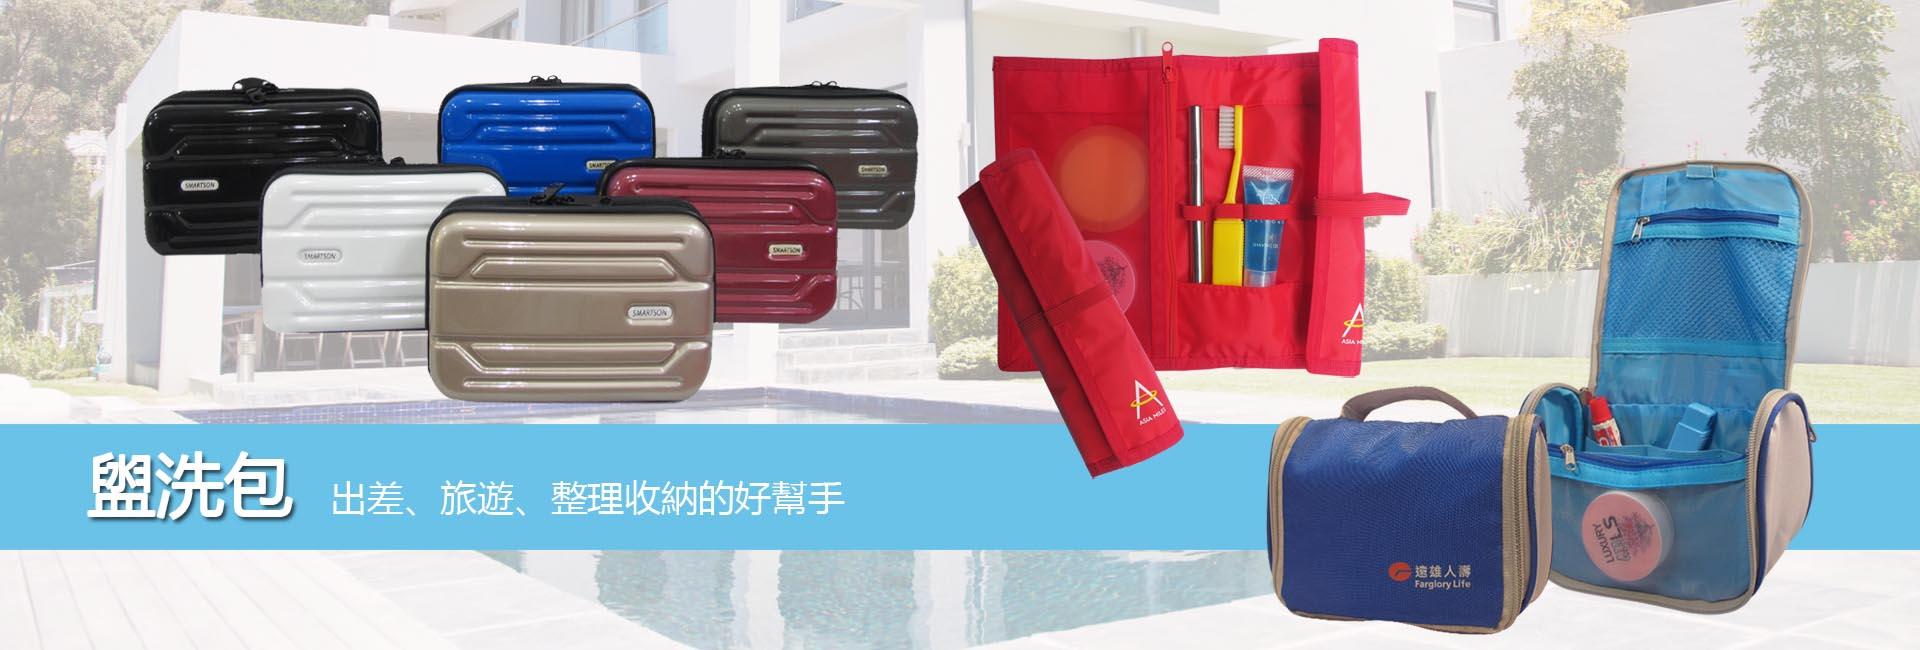 威英H5-banner650-3